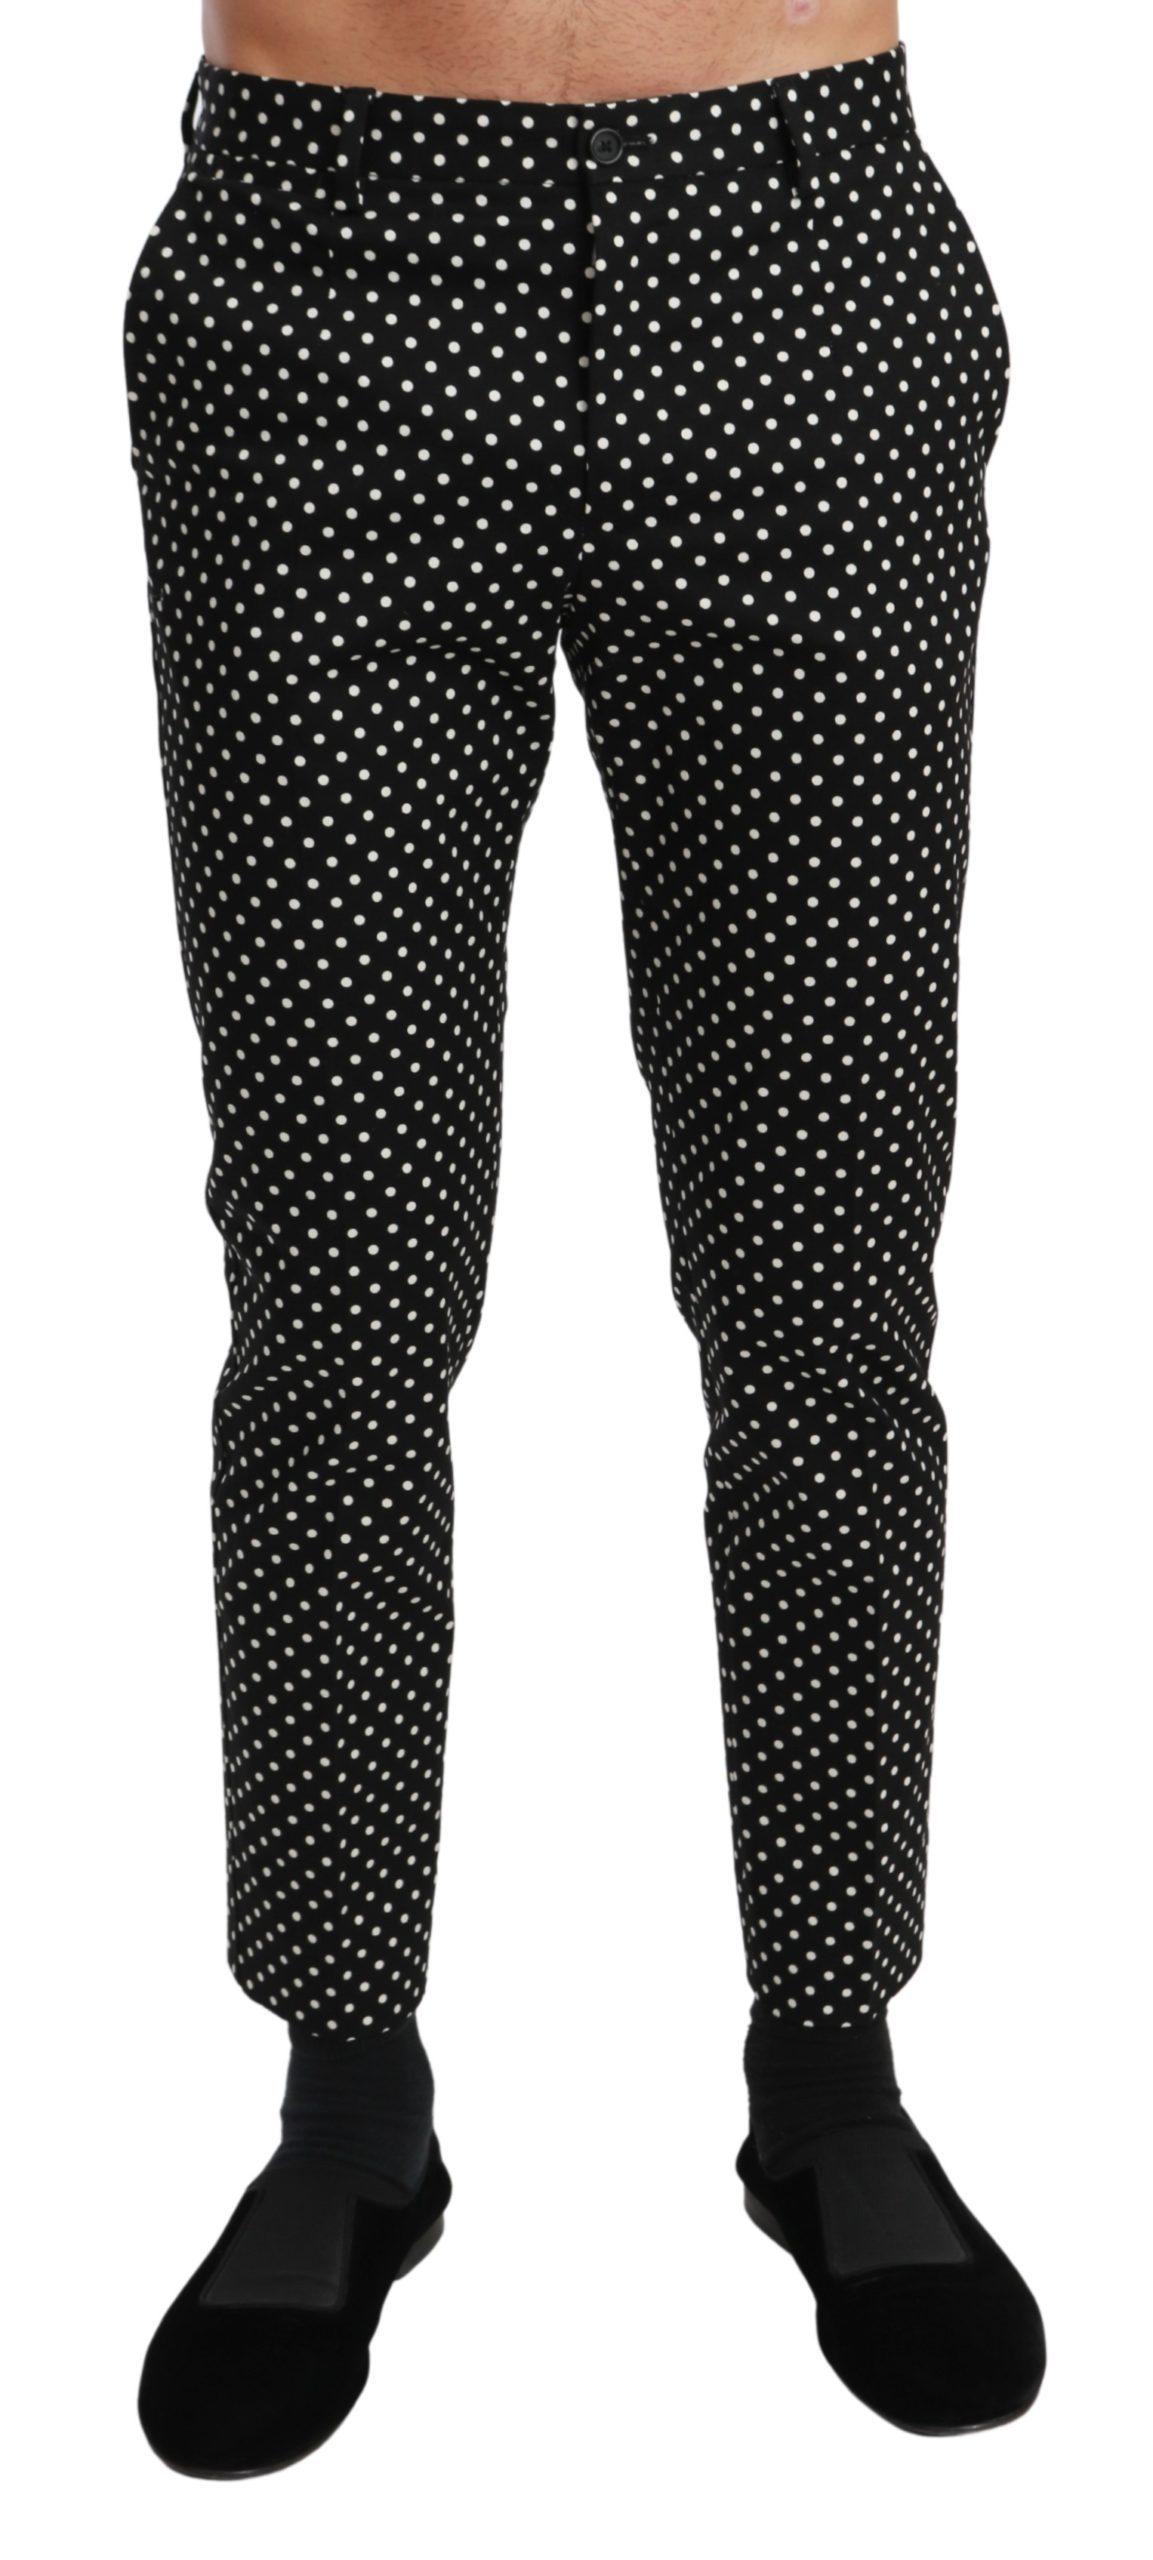 Dolce & Gabbana Men's Polka Dots Casual Trouser Black PAN71020 - IT44 | XS